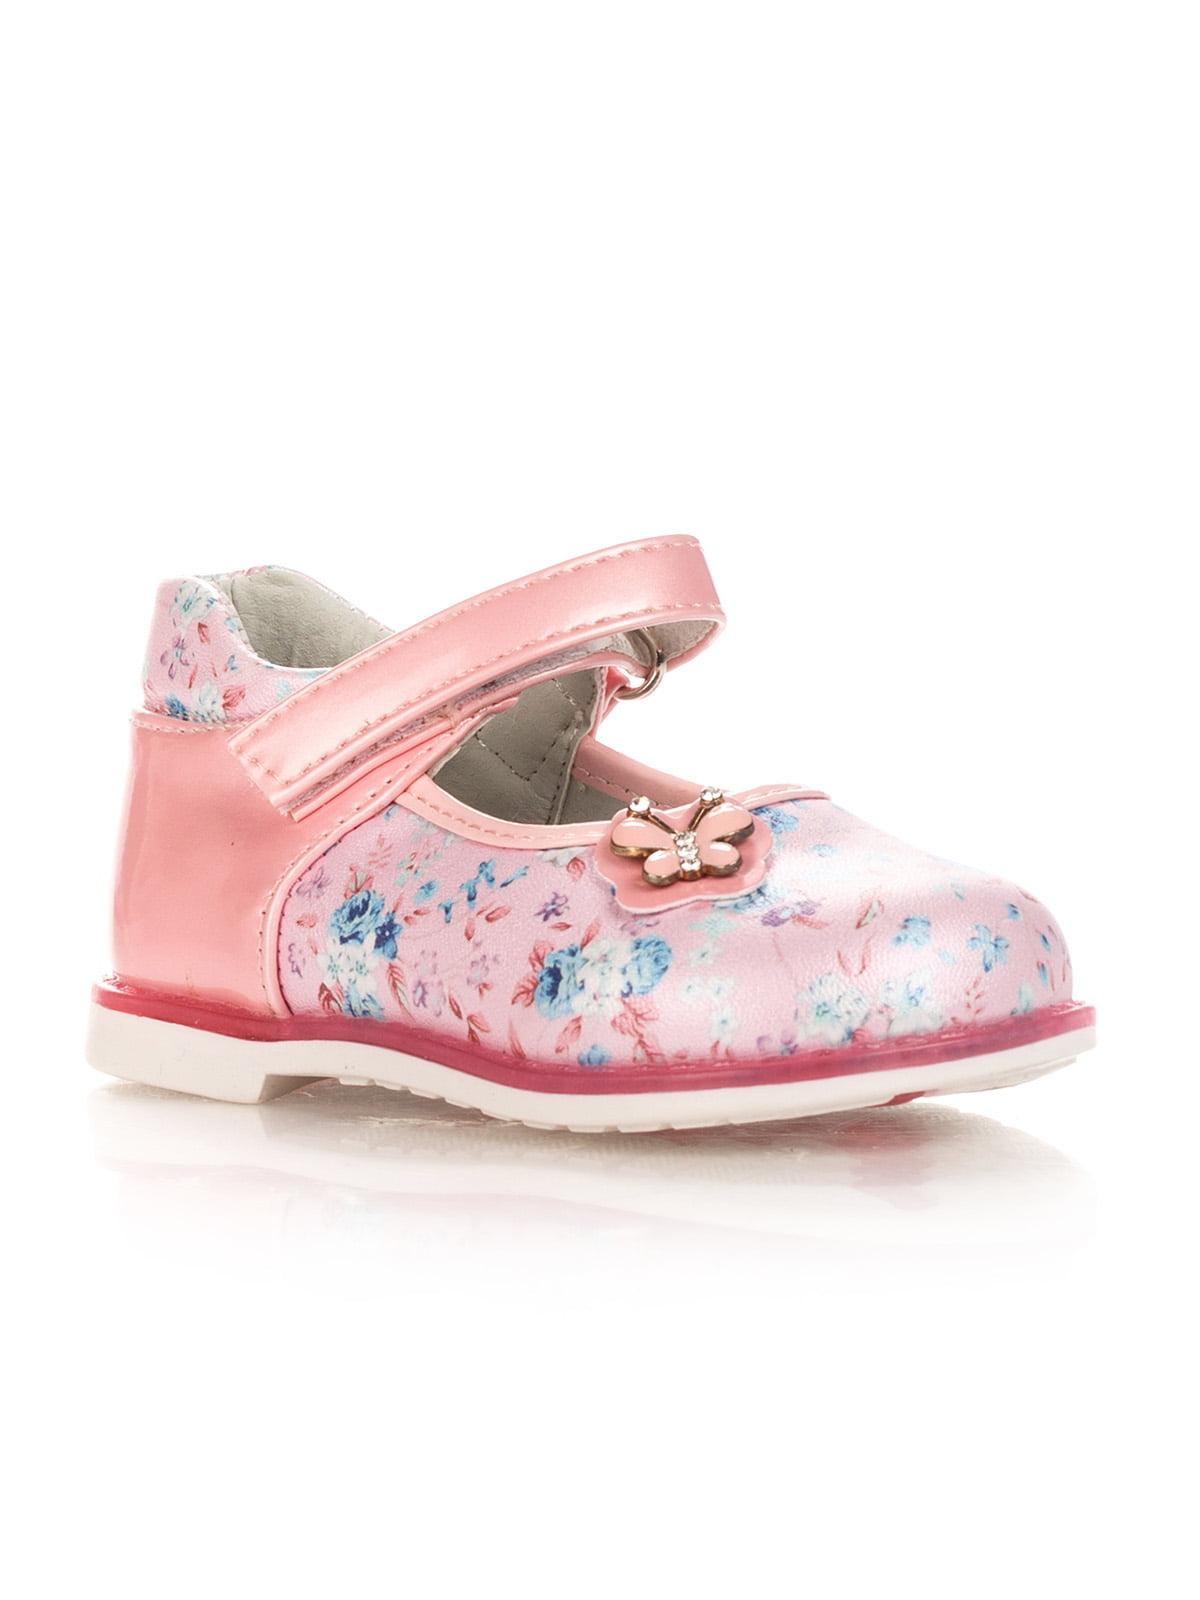 Туфли розовые с цветочным принтом | 4407903